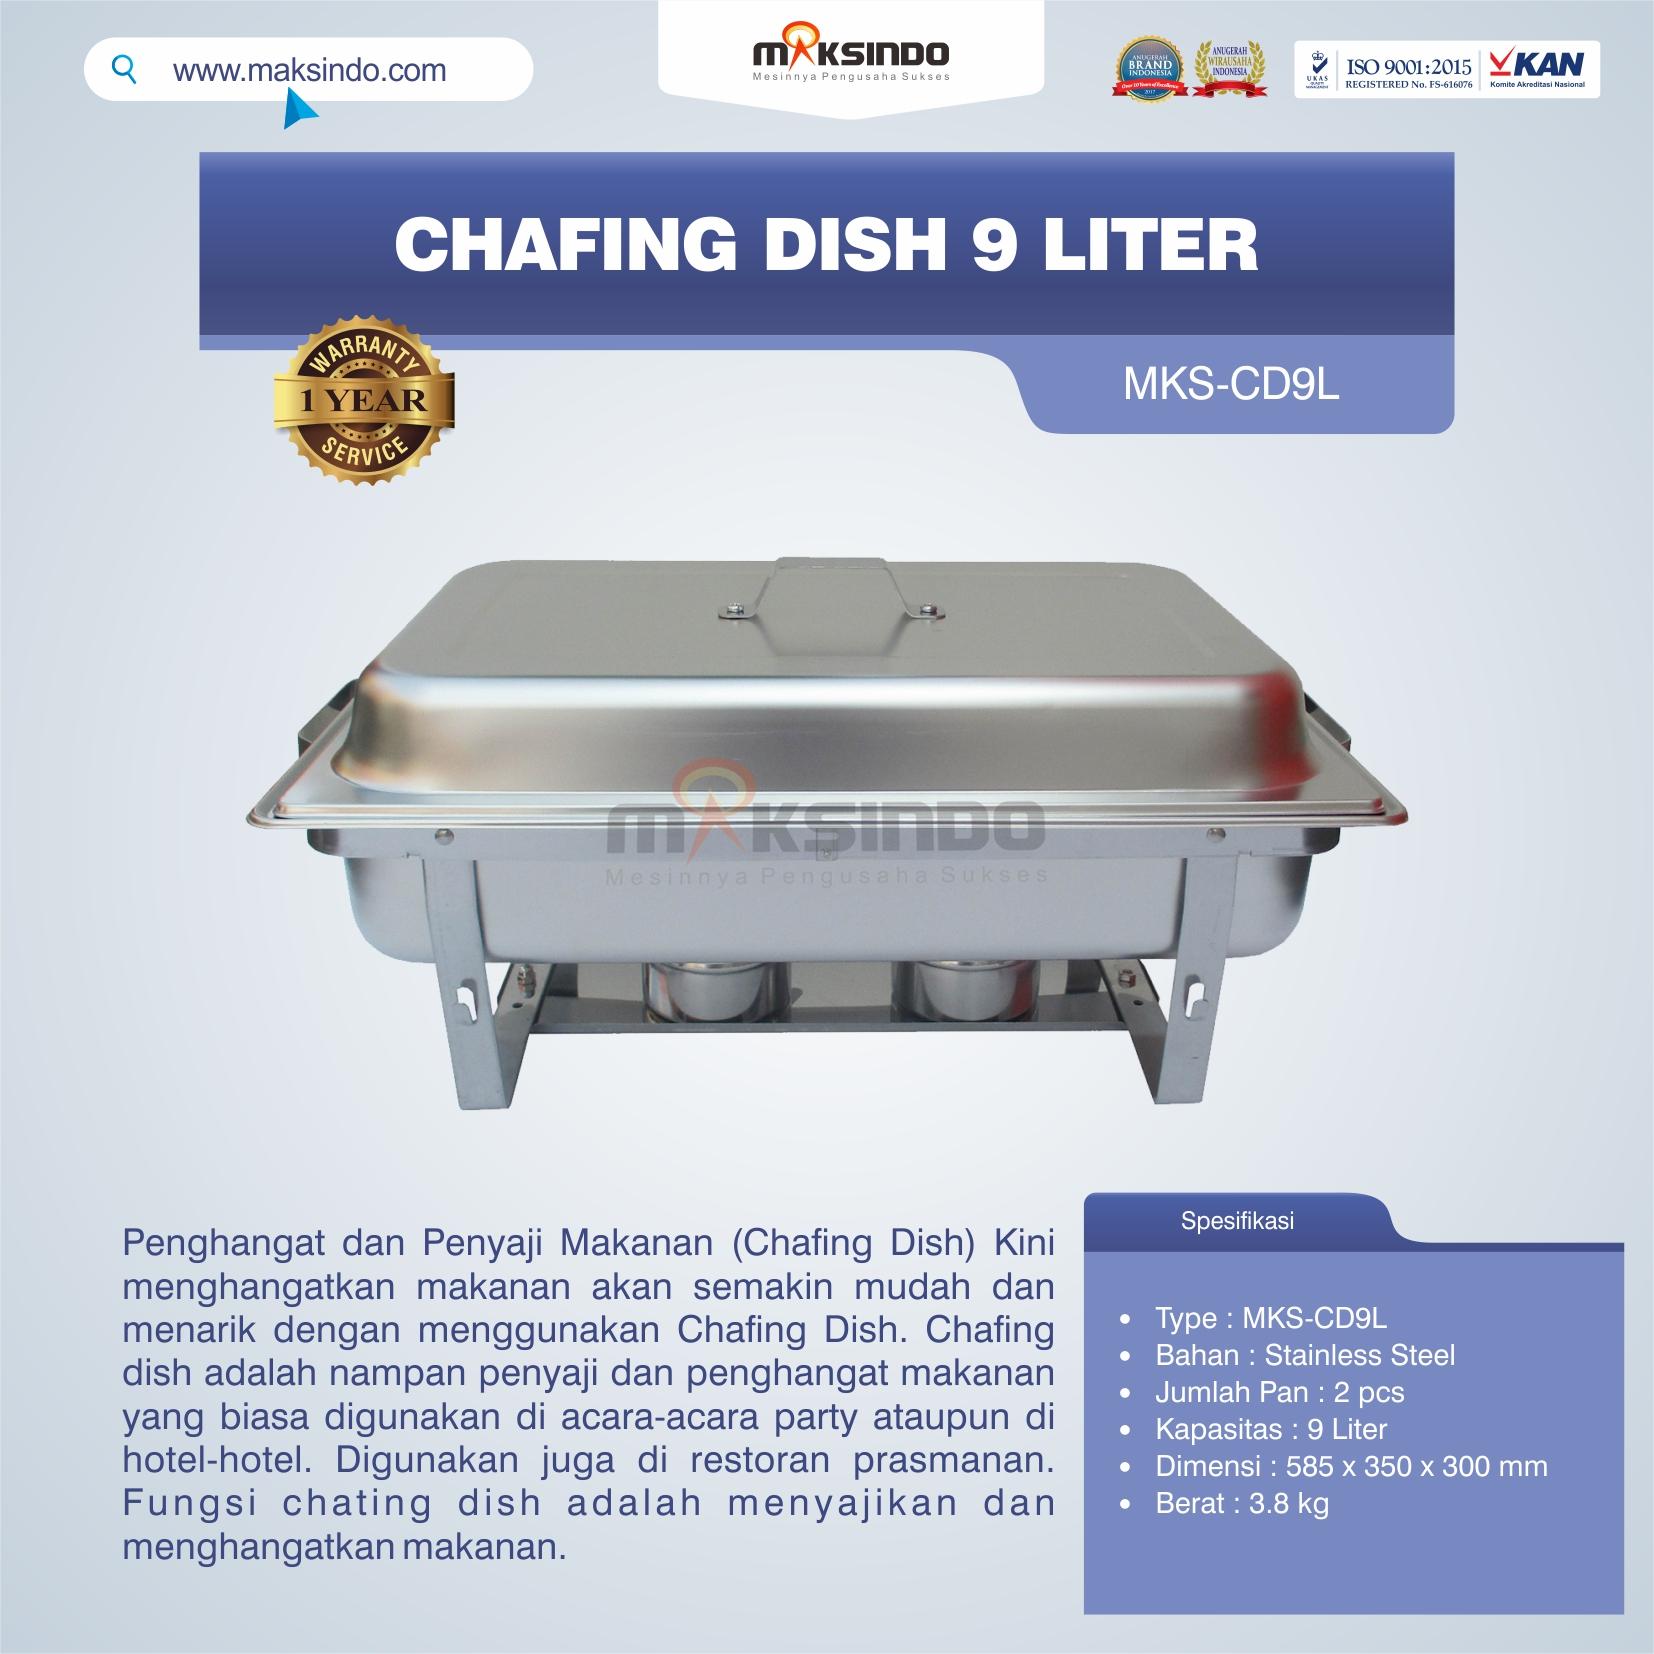 Jual Chafing Dish 9 Liter di Palembang